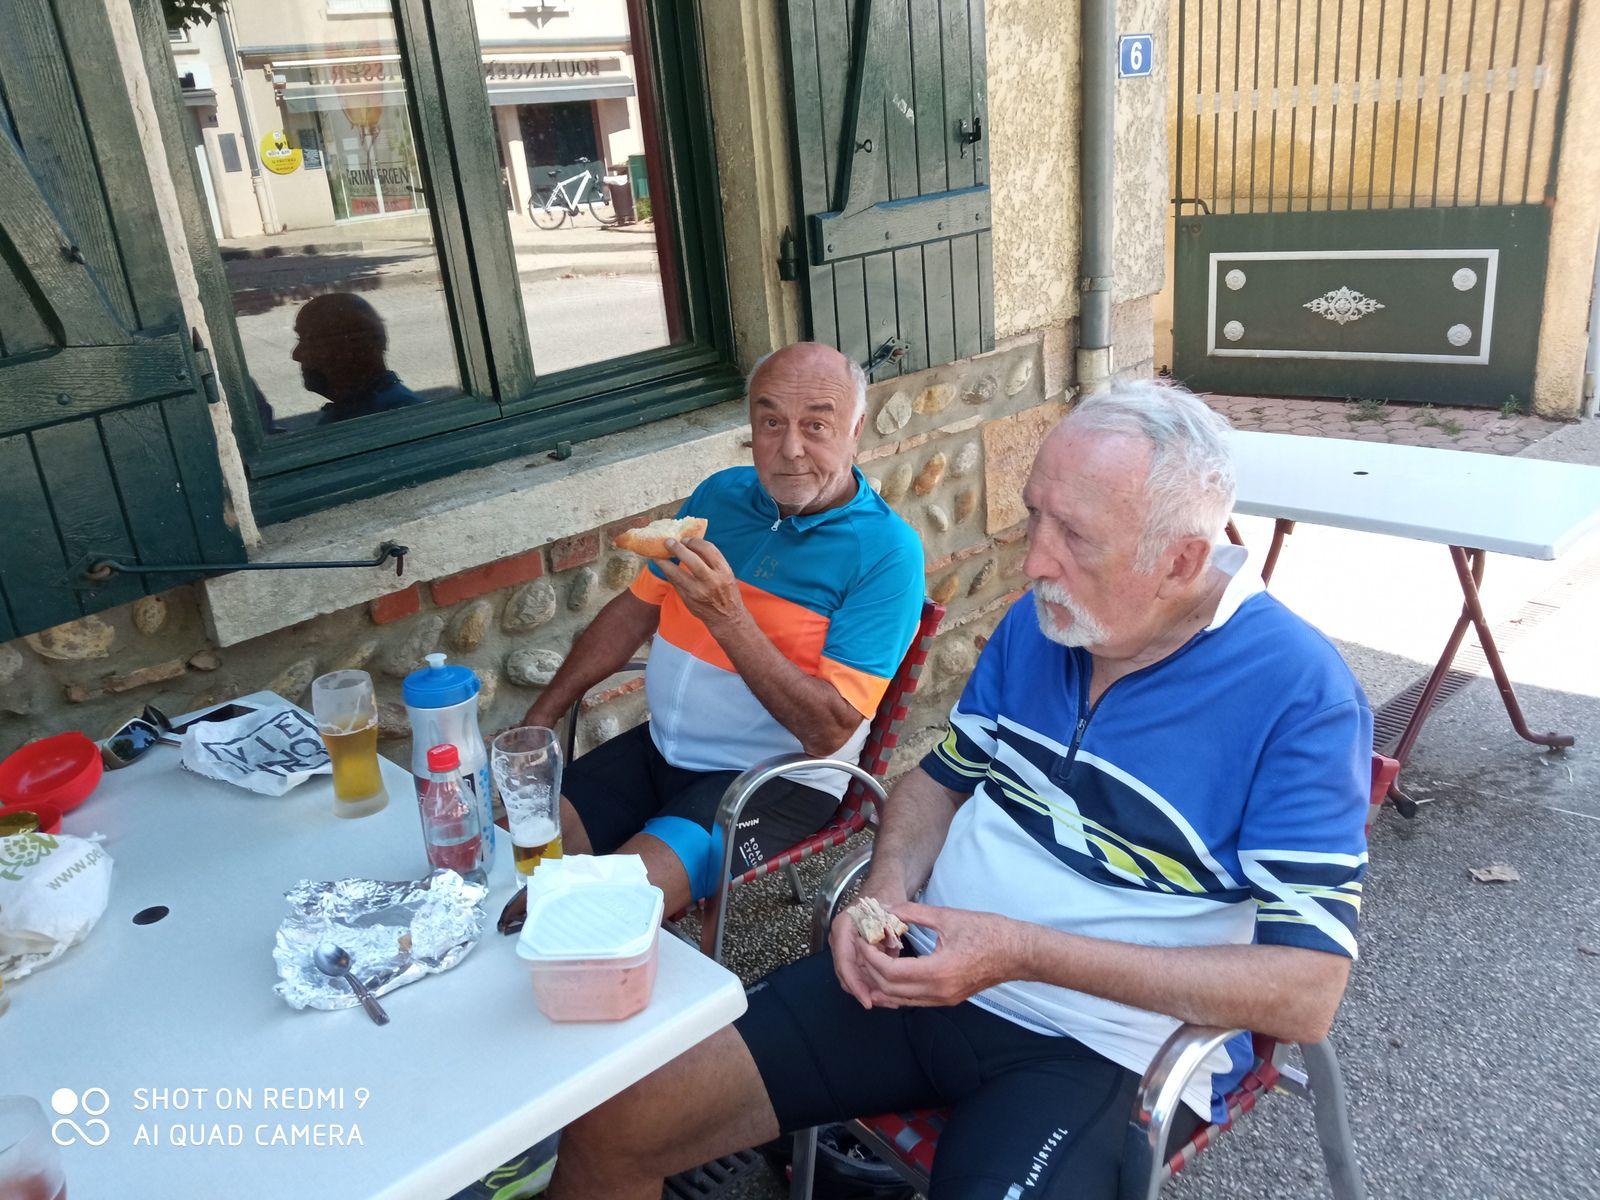 Balan - Découverte -  Mercredi 11 aout 2021